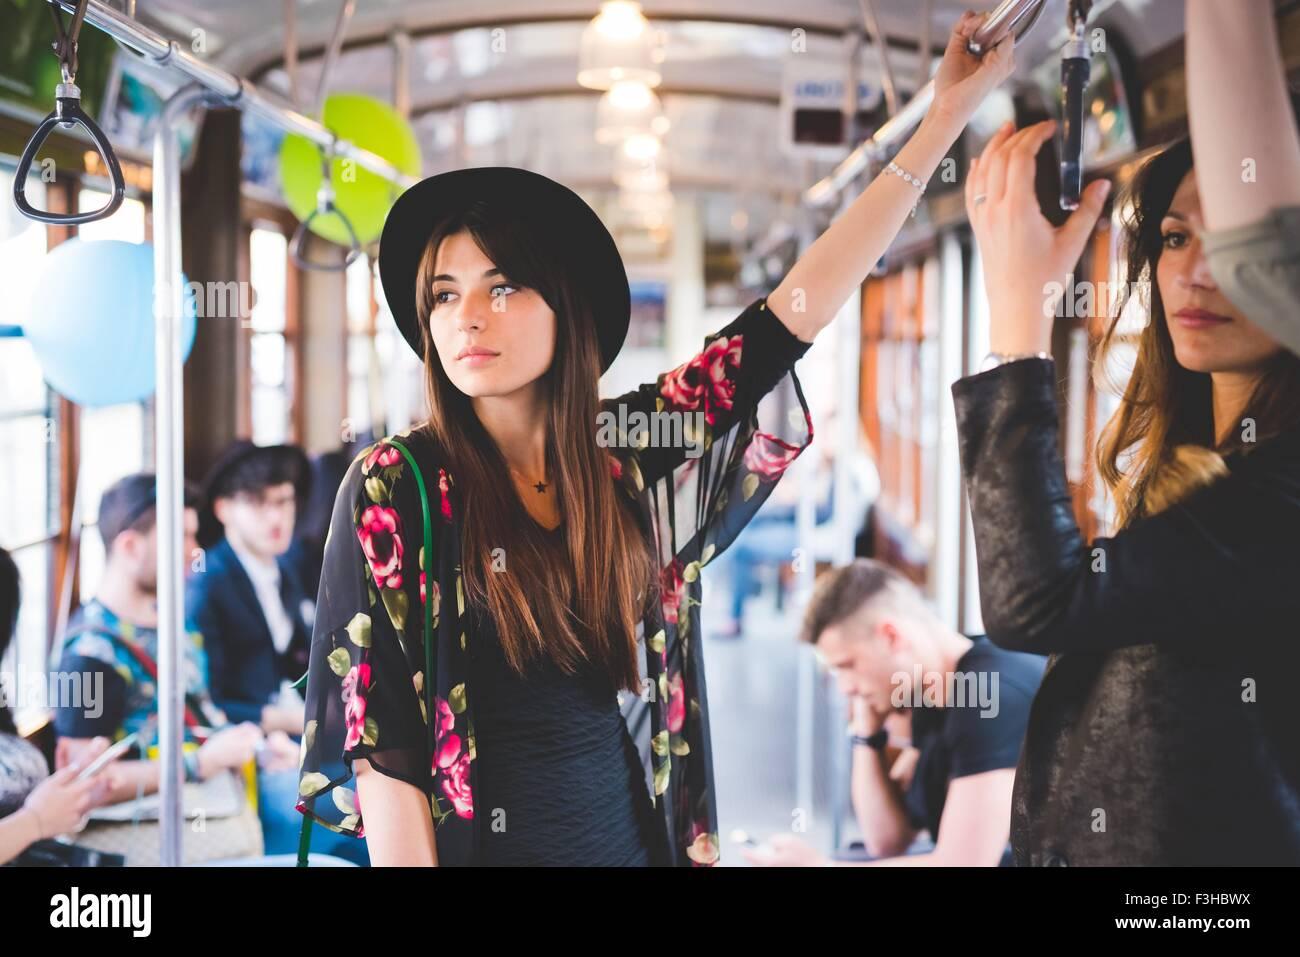 Jeune femme voyageant sur le tram de la ville Photo Stock